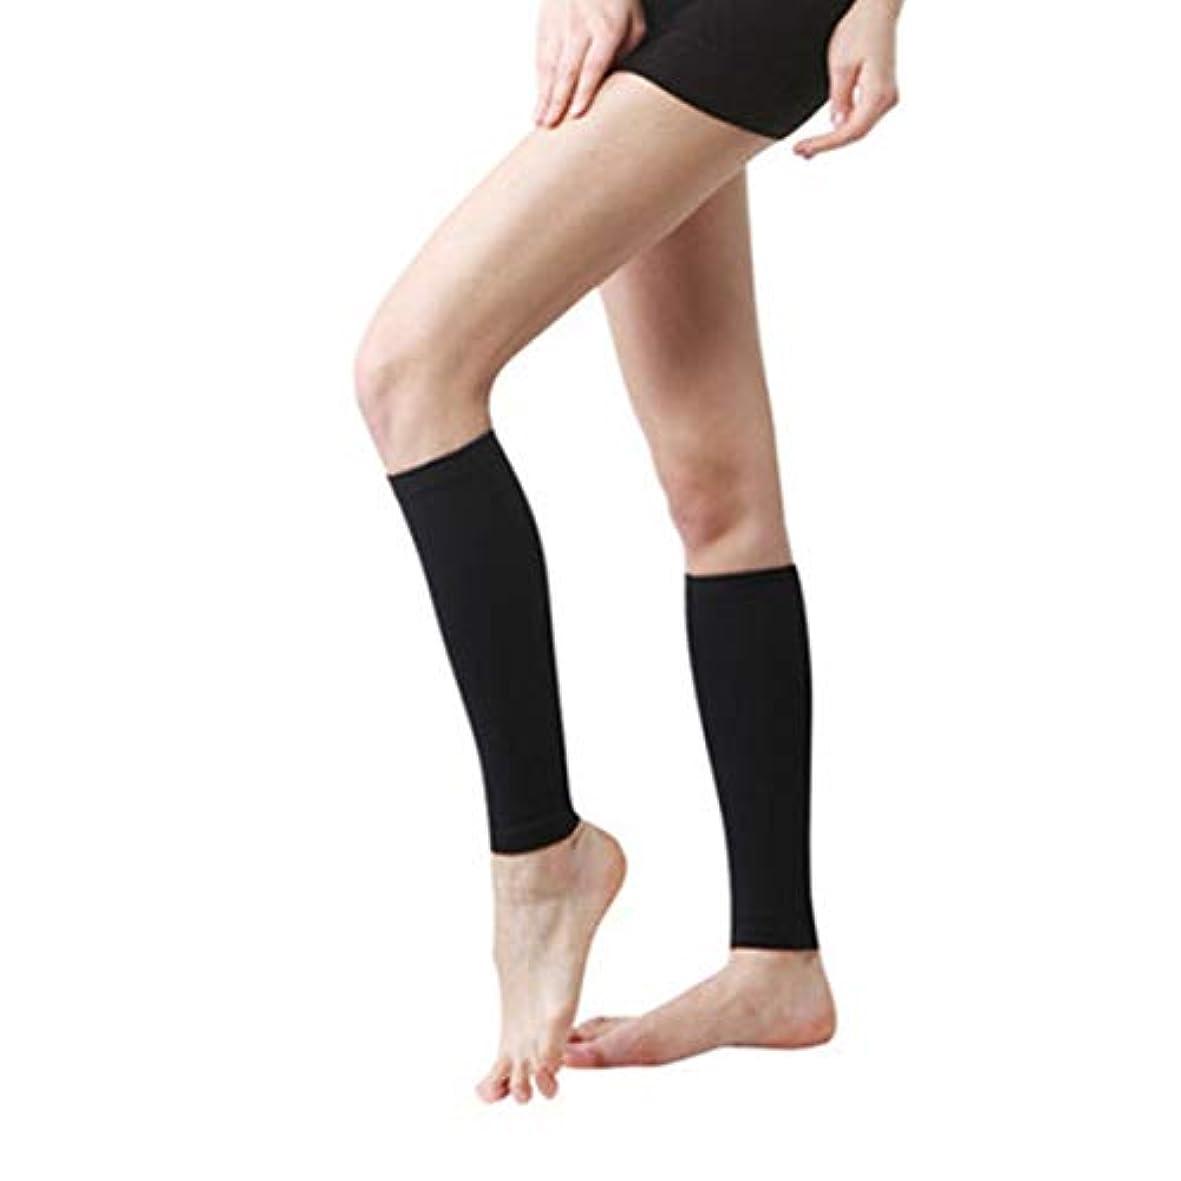 一次リブ王朝丈夫な男性女性プロの圧縮靴下通気性のある旅行活動看護師用シンススプリントフライトトラベル - ブラック